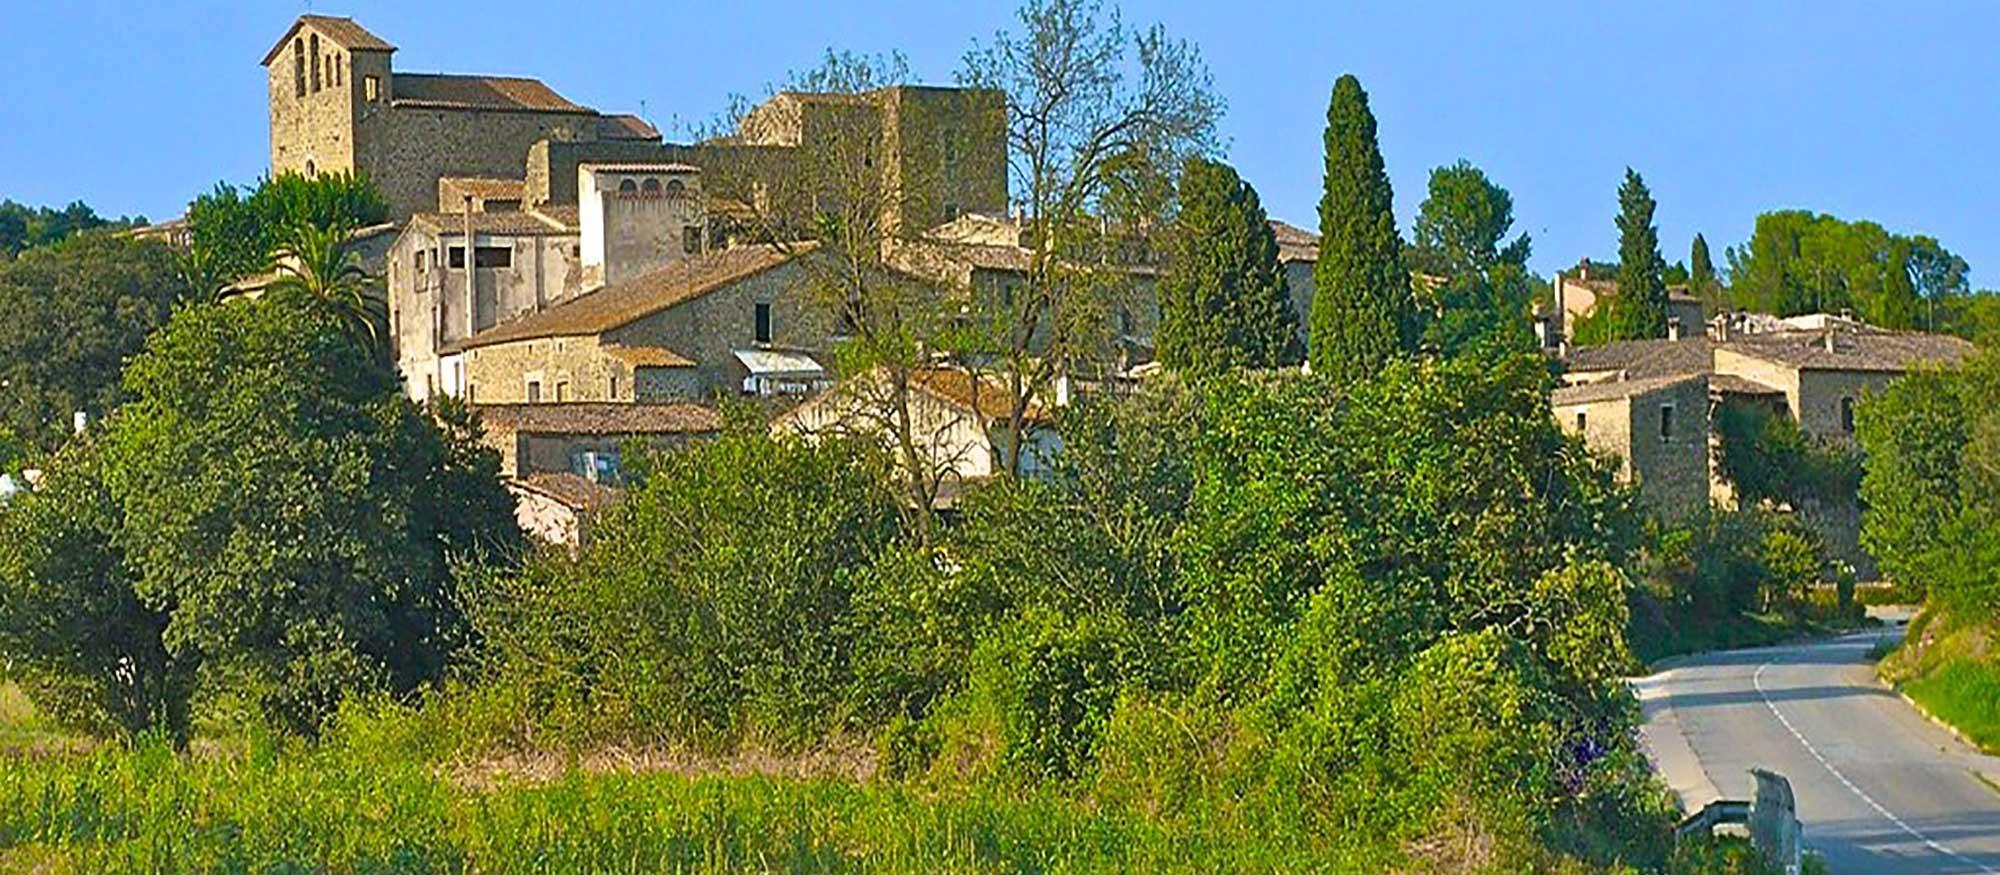 Més poblacions del Baix Empordà amb fibra Goufone!